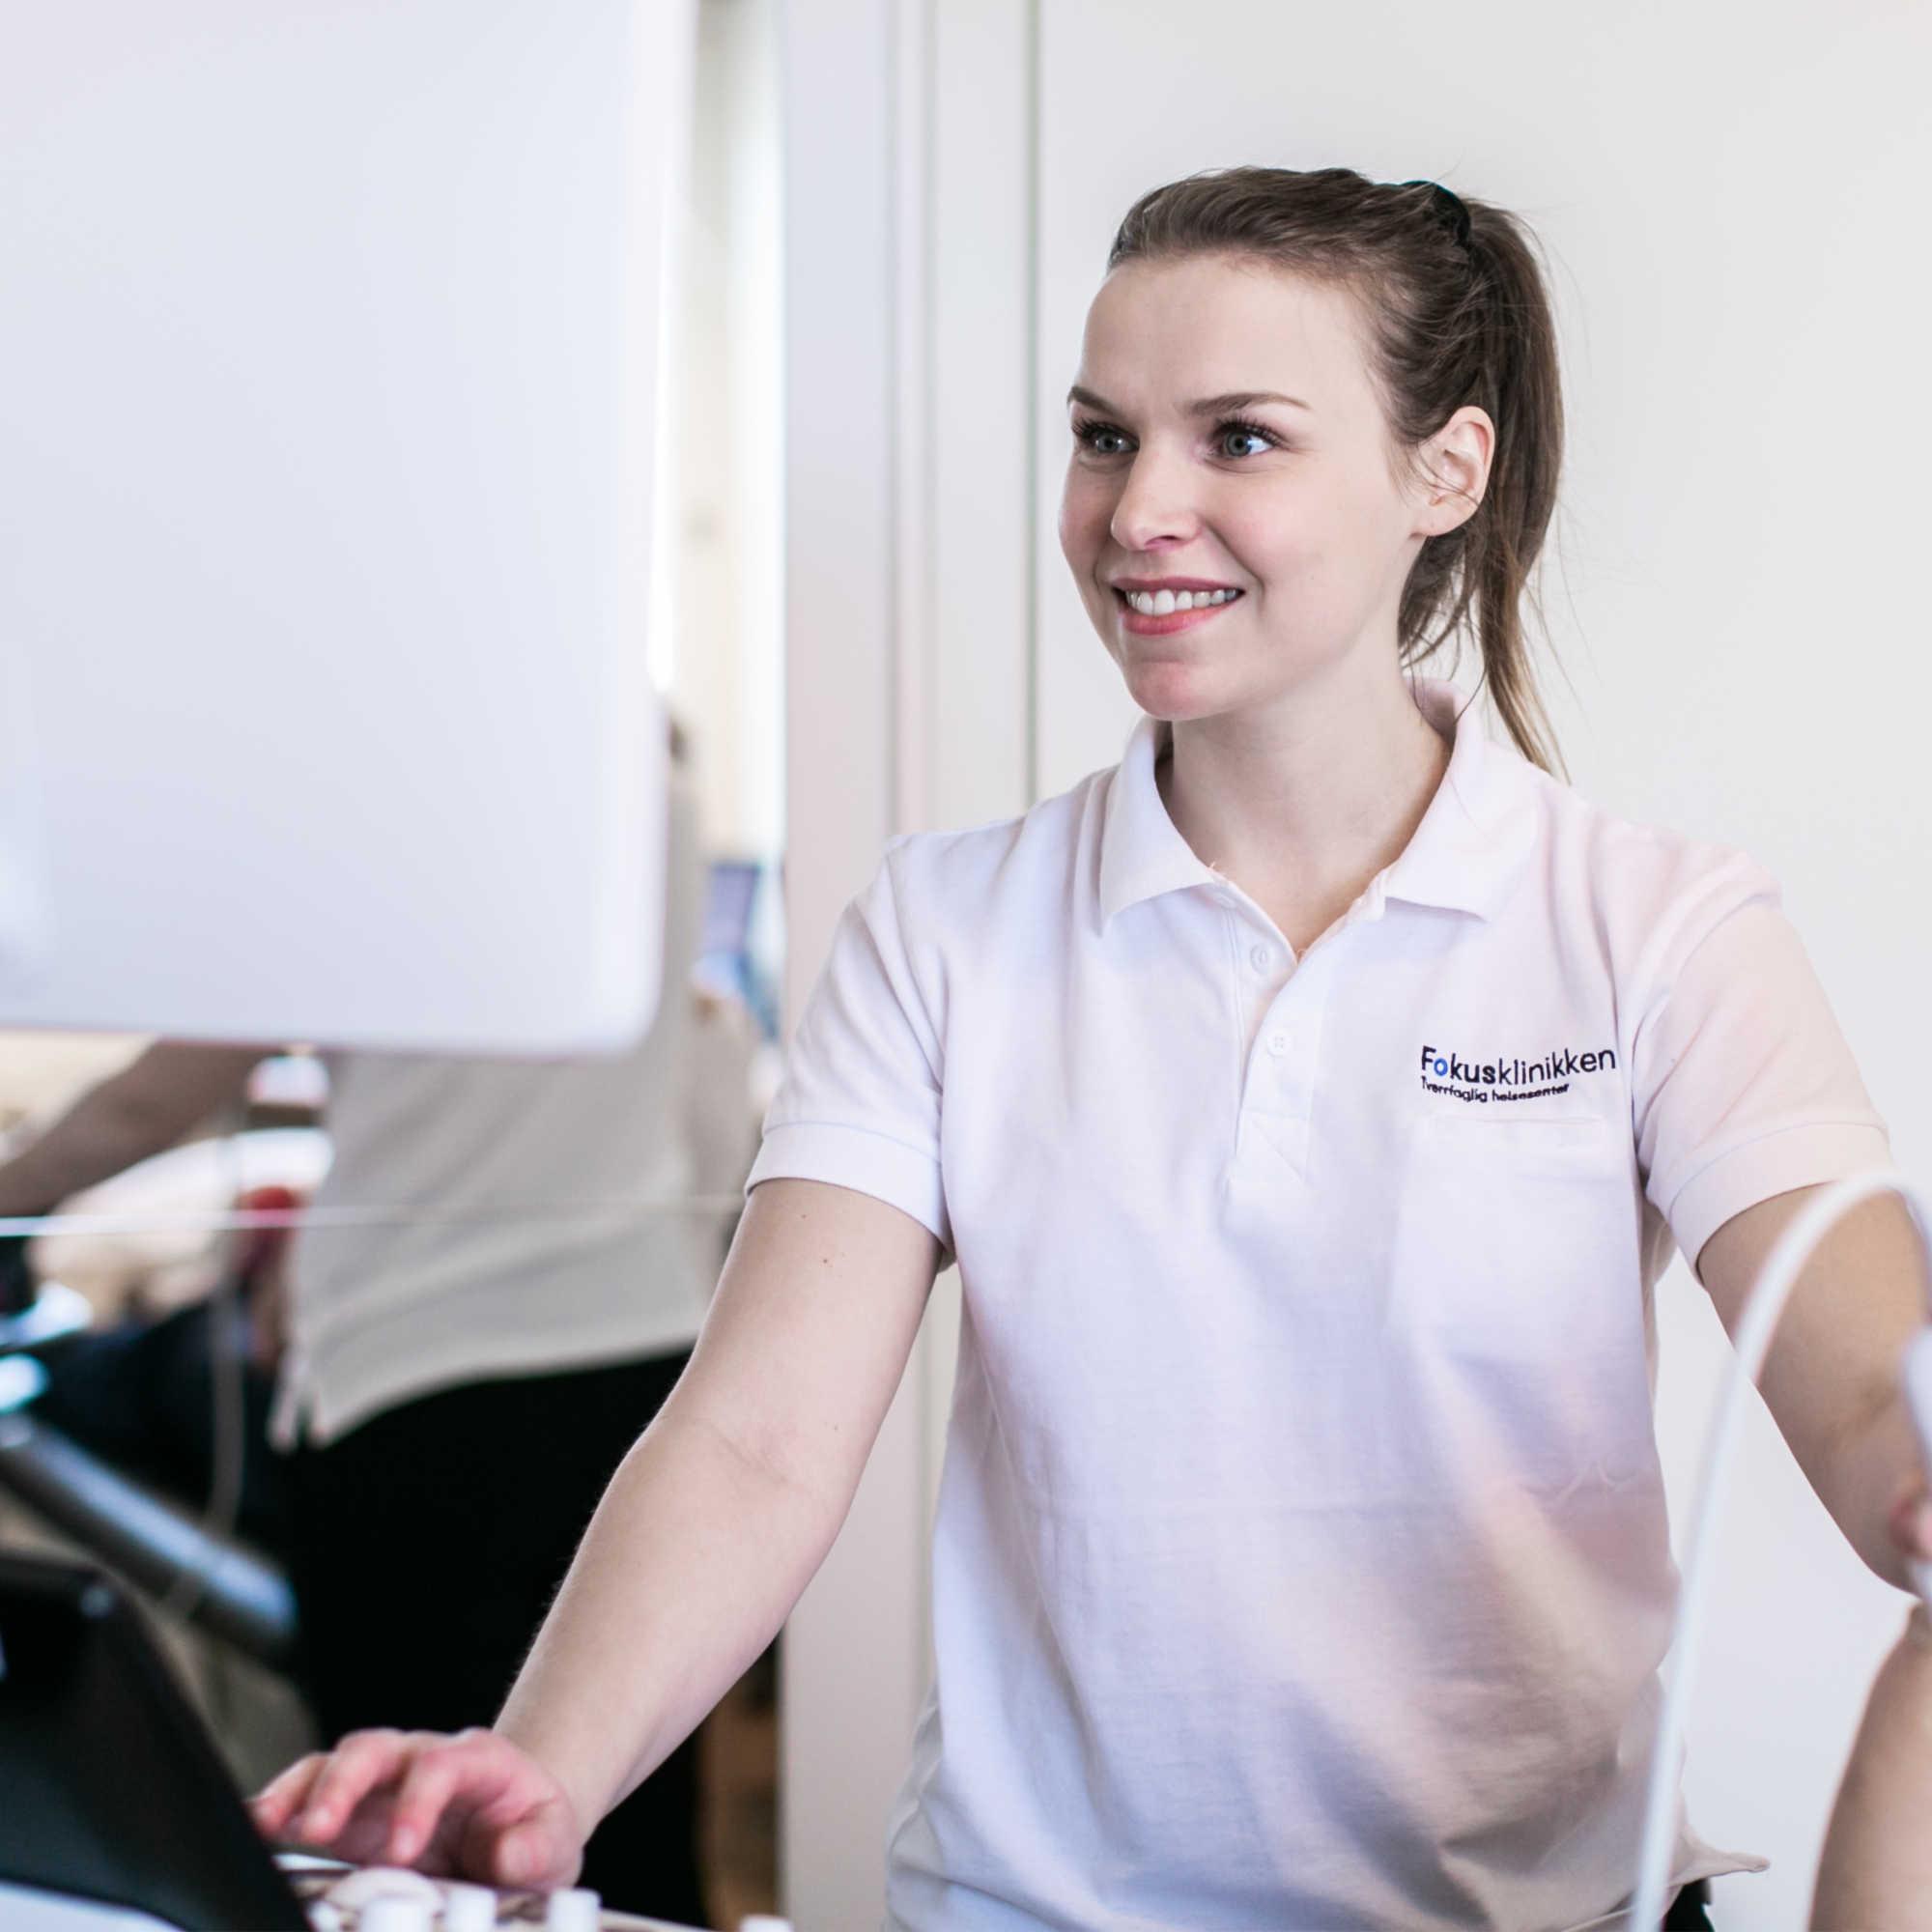 Fysioterapeut Ane på Fokusklinikken kan hjelpe deg med trening og behandling.